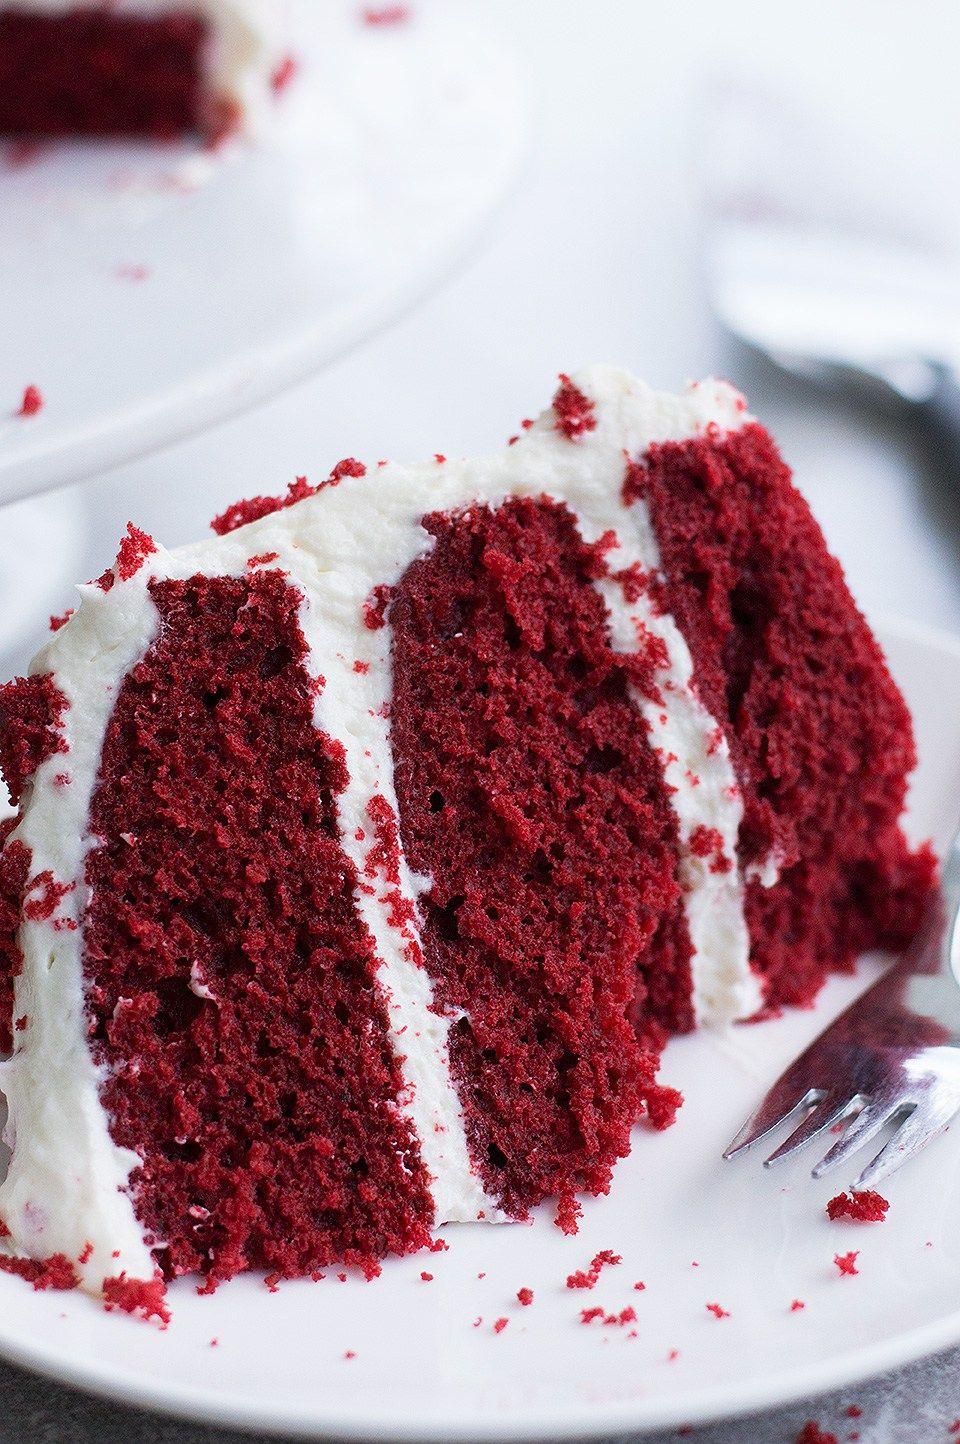 Moist Red Velvet Cake And Whipped Cream Cheese Frosting Recipe Red Velvet Cake Whipped Cream Cheese Frosting Velvet Cake